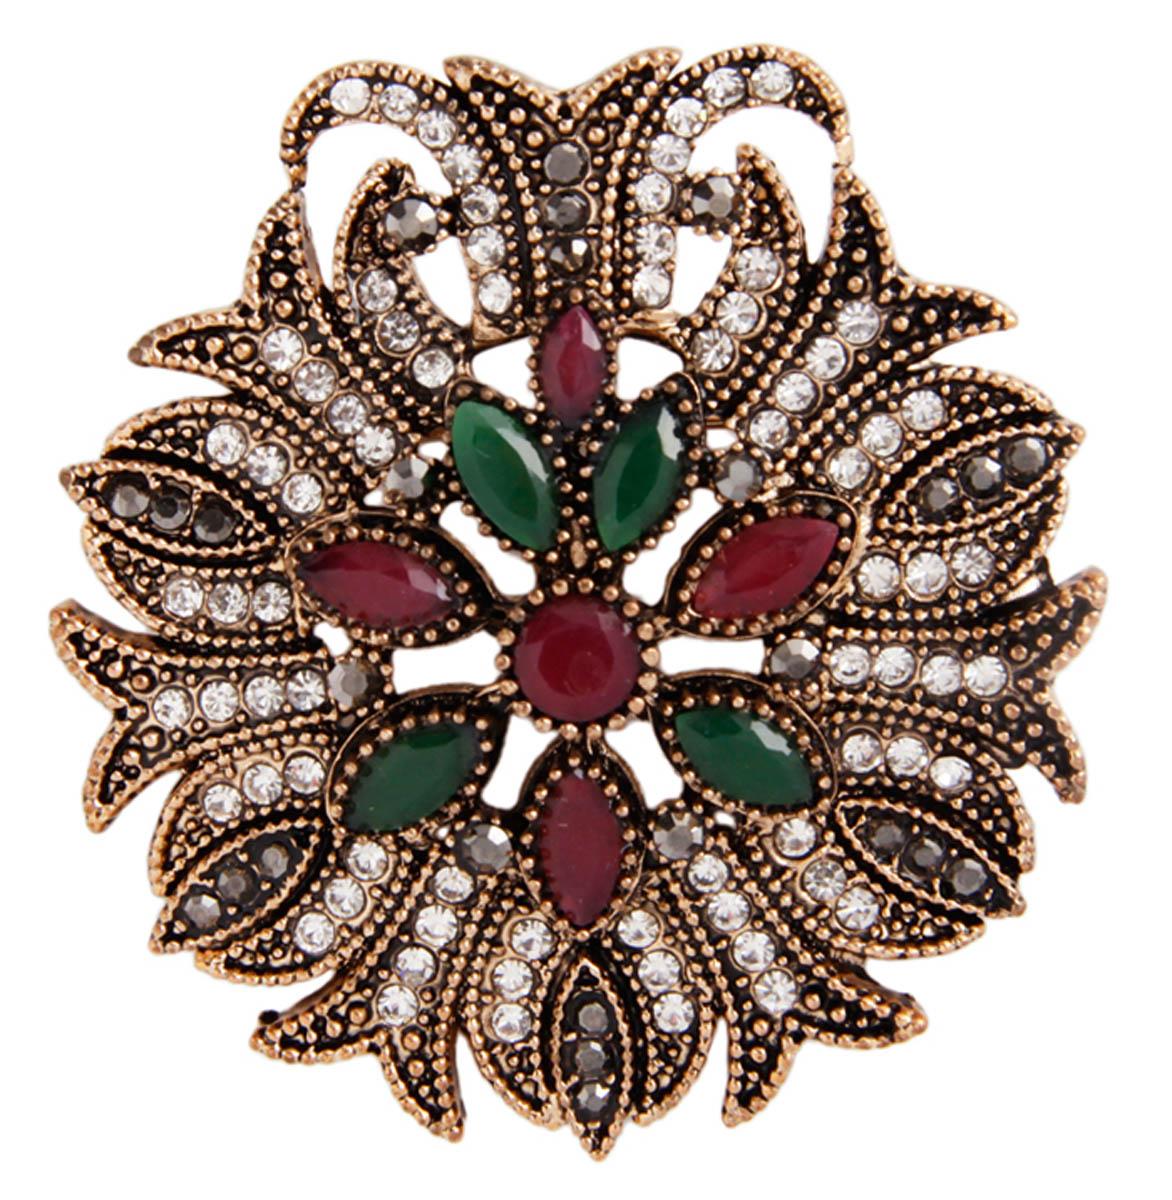 Брошь Великолепие в византийском стиле. Бижутерный сплав, австрийские кристаллы, искусственные камни. Конец XX векаОС30204Брошь Великолепие. Бижутерный сплав, австрийские кристаллы, искусственные камни. Конец ХХ века. Размер 5 х 4,5 см. Сохранность хорошая. Предмет не был в использовании. Изящное украшение выполнено в ярко выраженном византийском стиле. Брошь украшена целой россыпью австрийских страз, инкрустированы имитацией драгоценных камней. Представленное вашему вниманию изделие отличается высоким уровнем мастерства исполнения, оригинальным авторским дизайном. Этот аксессуар станет изысканным украшением для романтичной и творческой натуры и гармонично дополнит Ваш наряд, станет завершающим штрихом в создании образа.